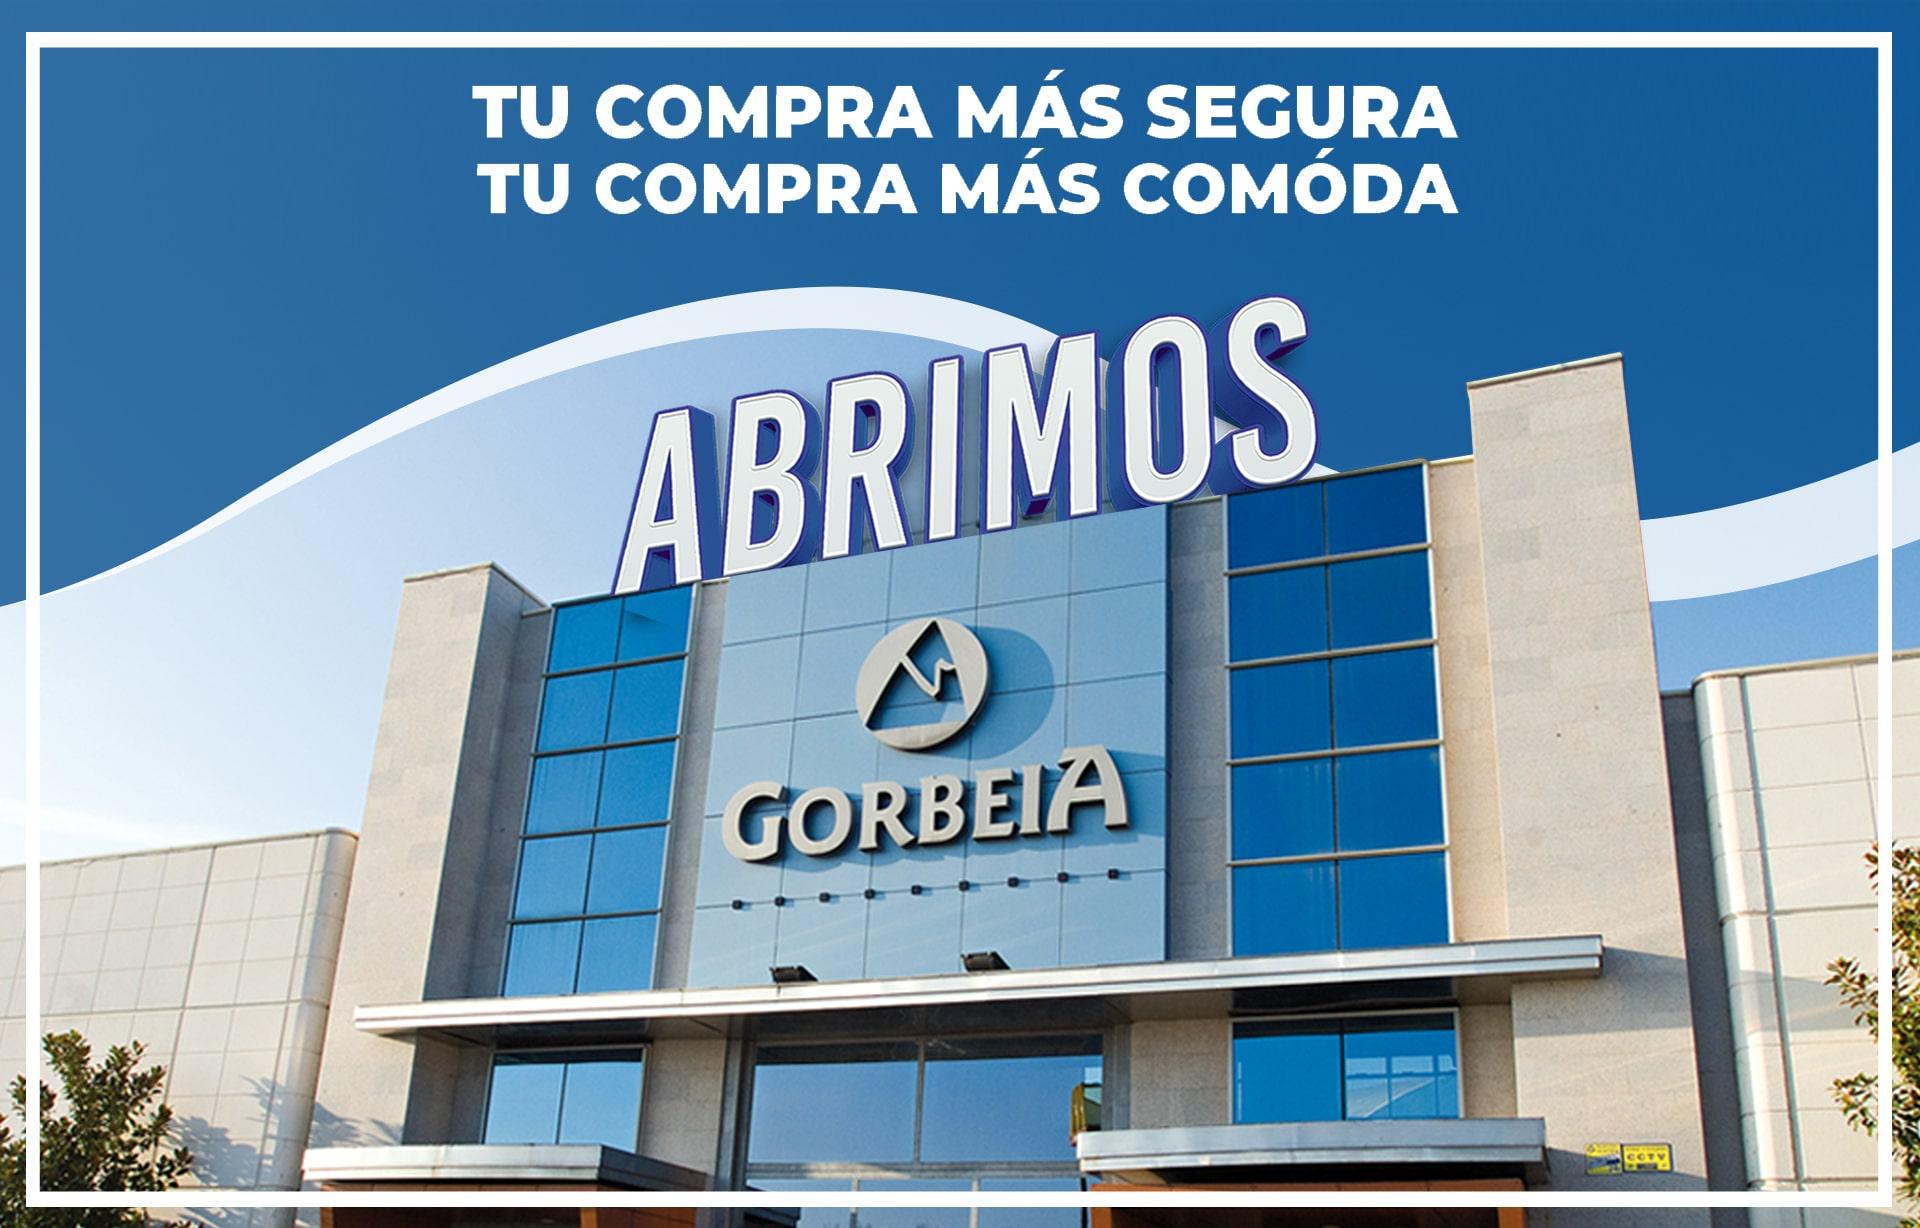 El Parque Comercial Gorbeia vuelve a estar abierto